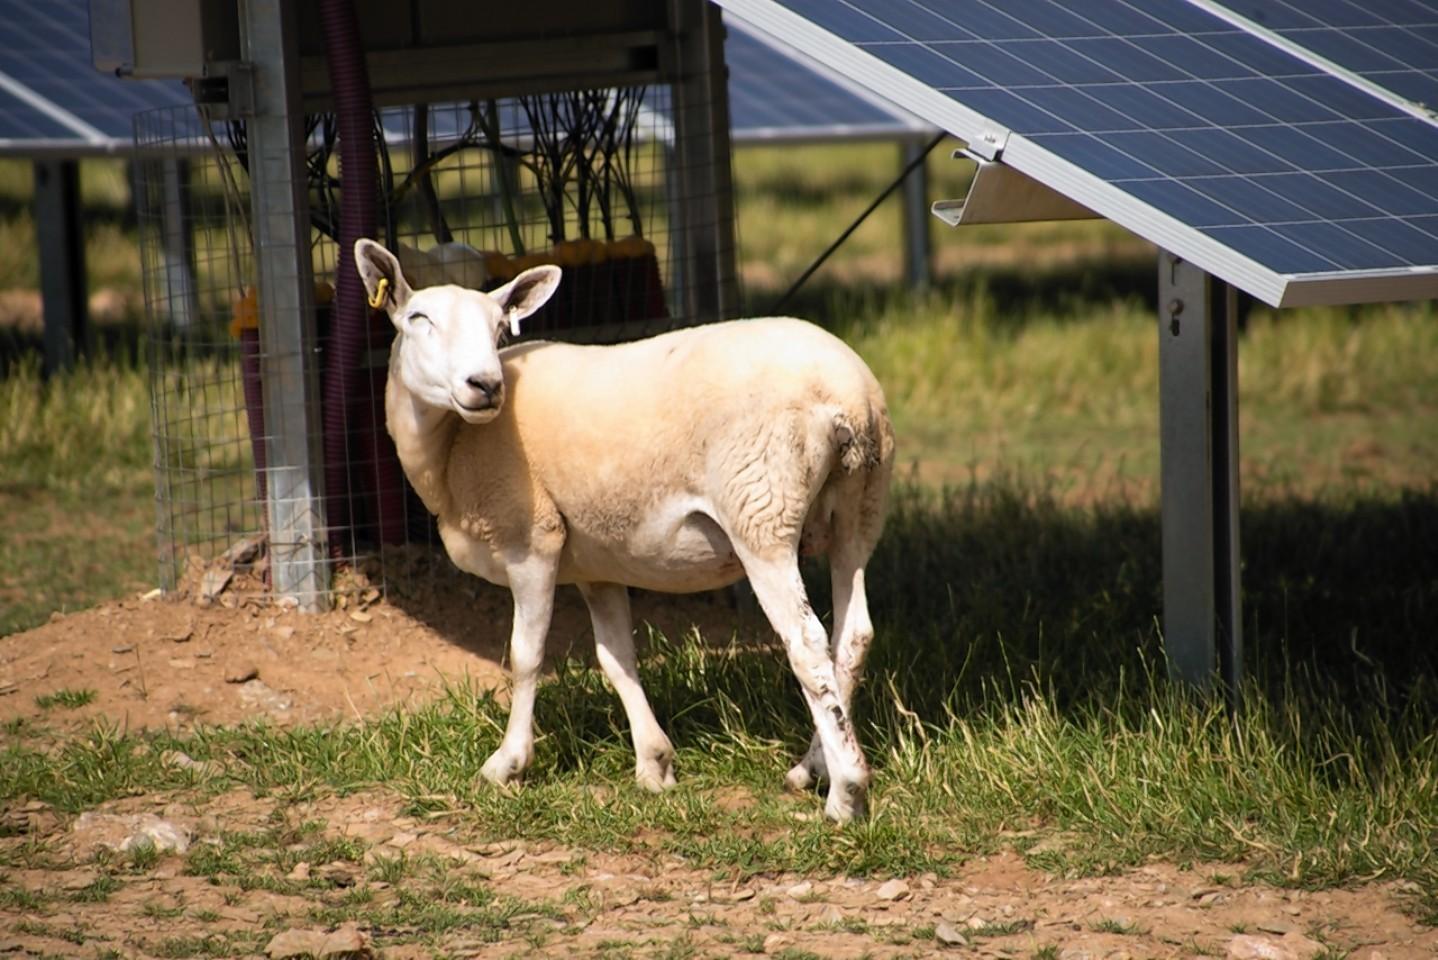 A solar farm could be built near Crimond